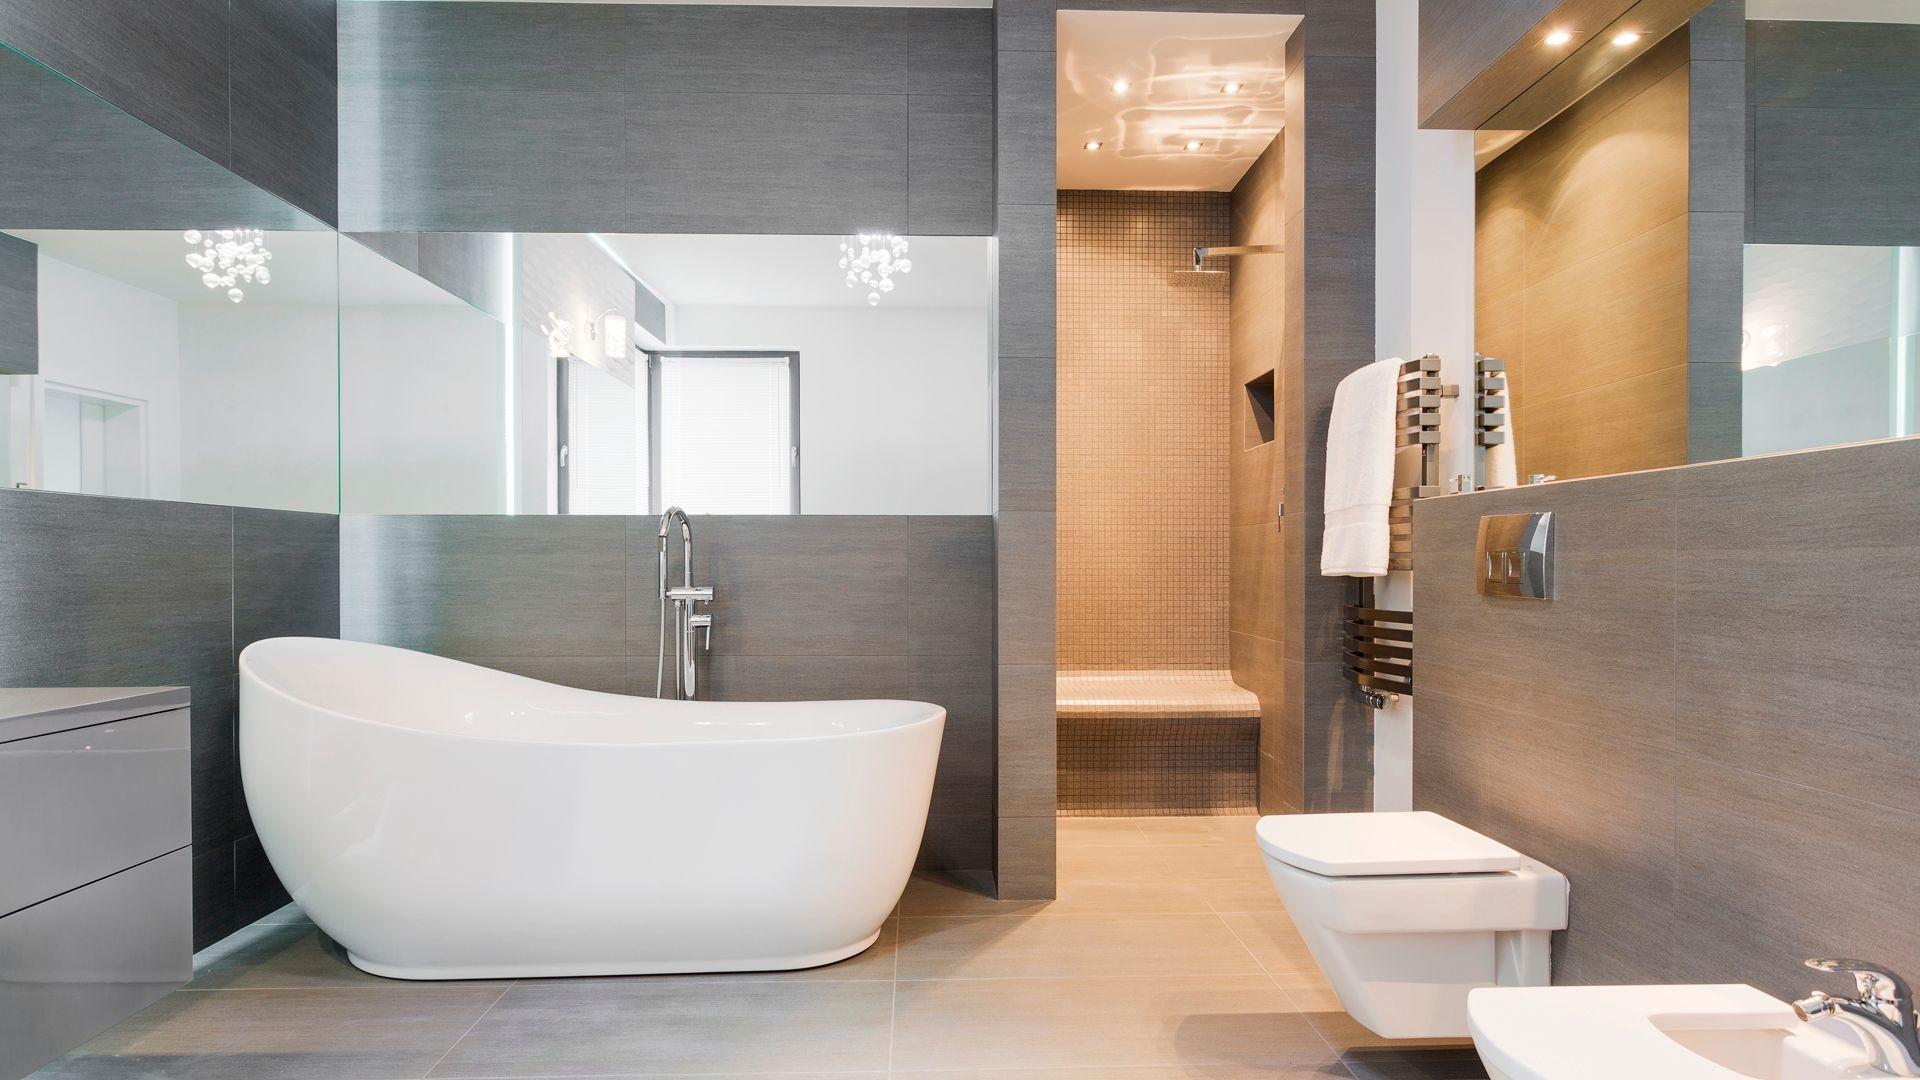 Reformas de cuartos de baños en Cartagena, Murcia